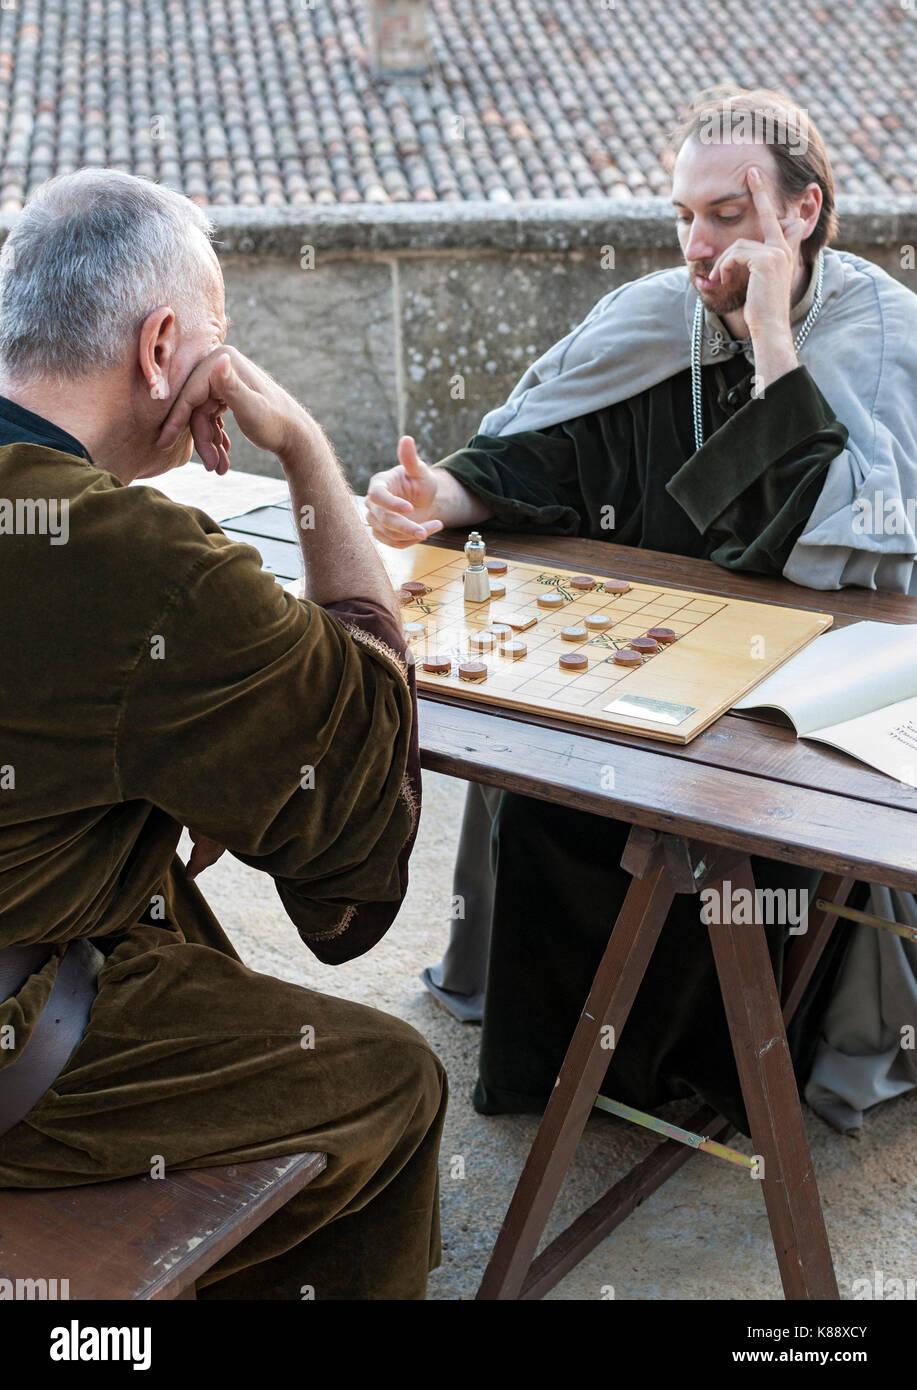 Deux hommes en costumes d'jouer à un jeu pendant le Festival Médiéval annuel tenu à San Marino. Banque D'Images